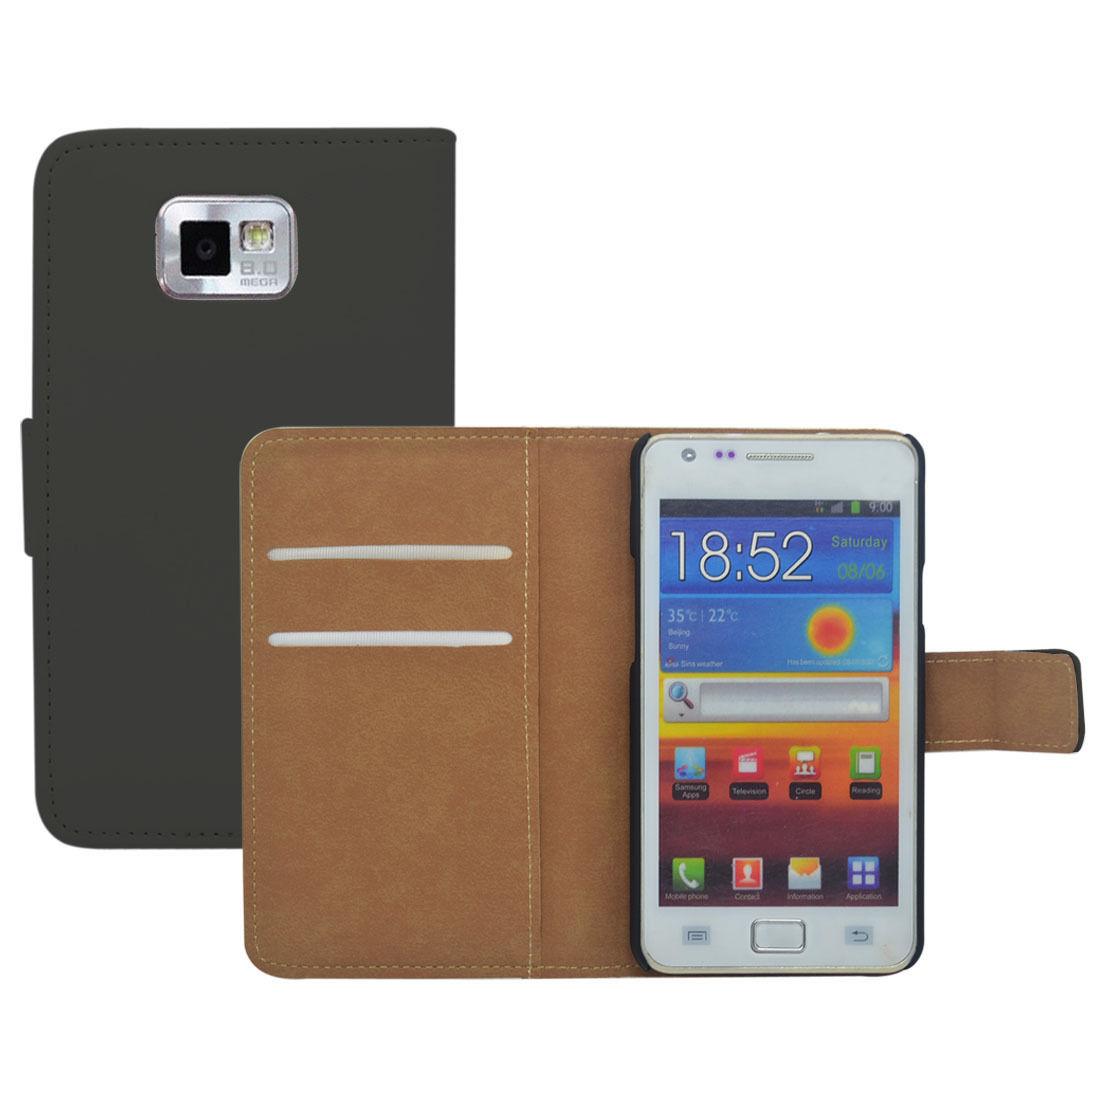 Pouzdro pro Samsung Galaxy S2 i9100 černé